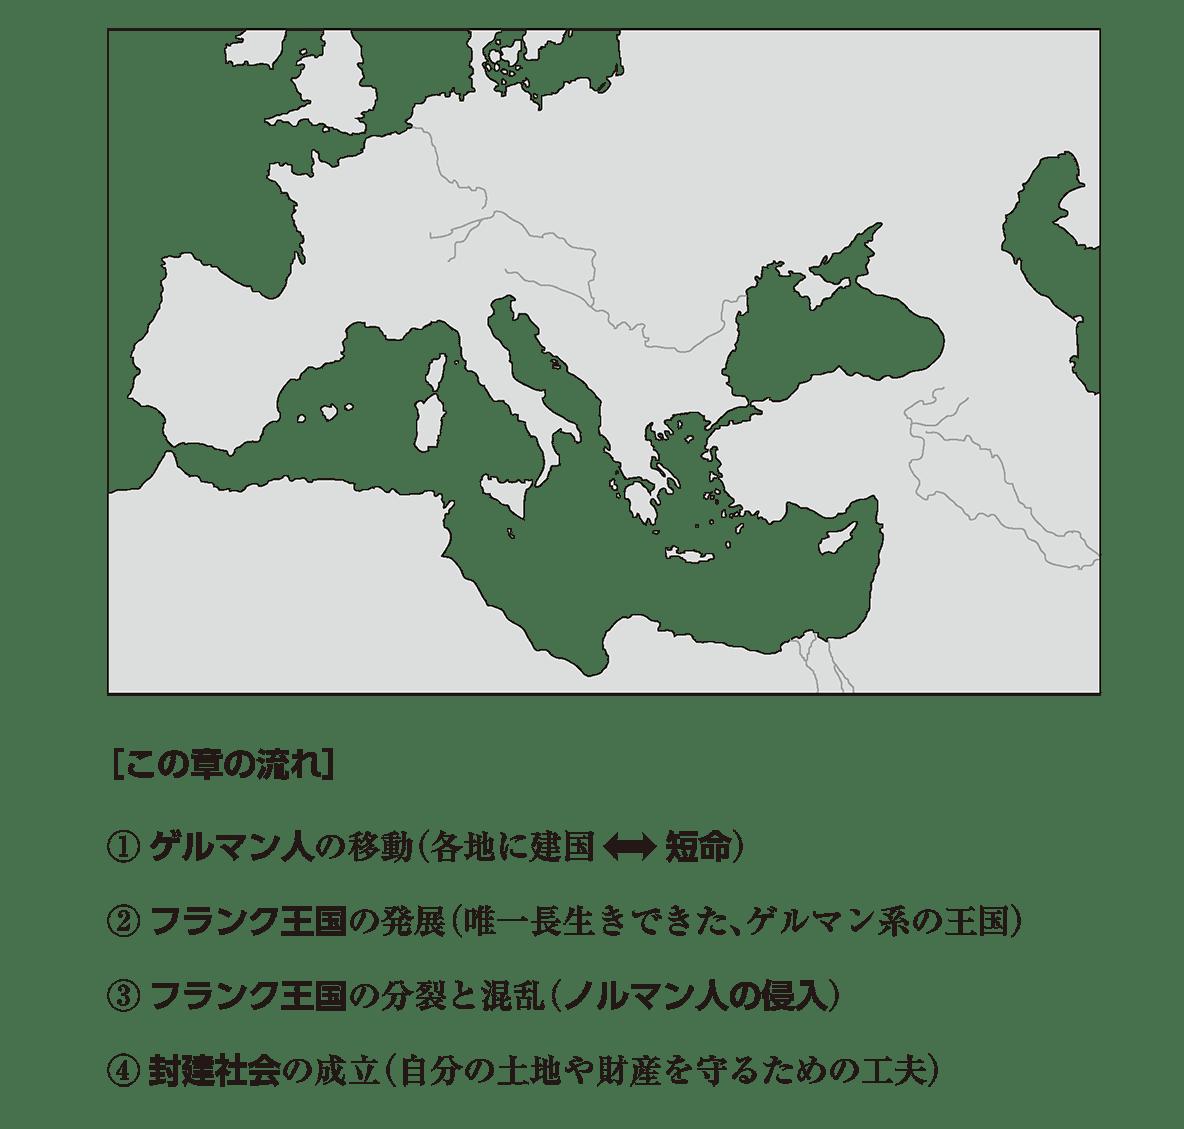 高校世界史 中世ヨーロッパ世界の成立0 右頁地図+下部テキスト